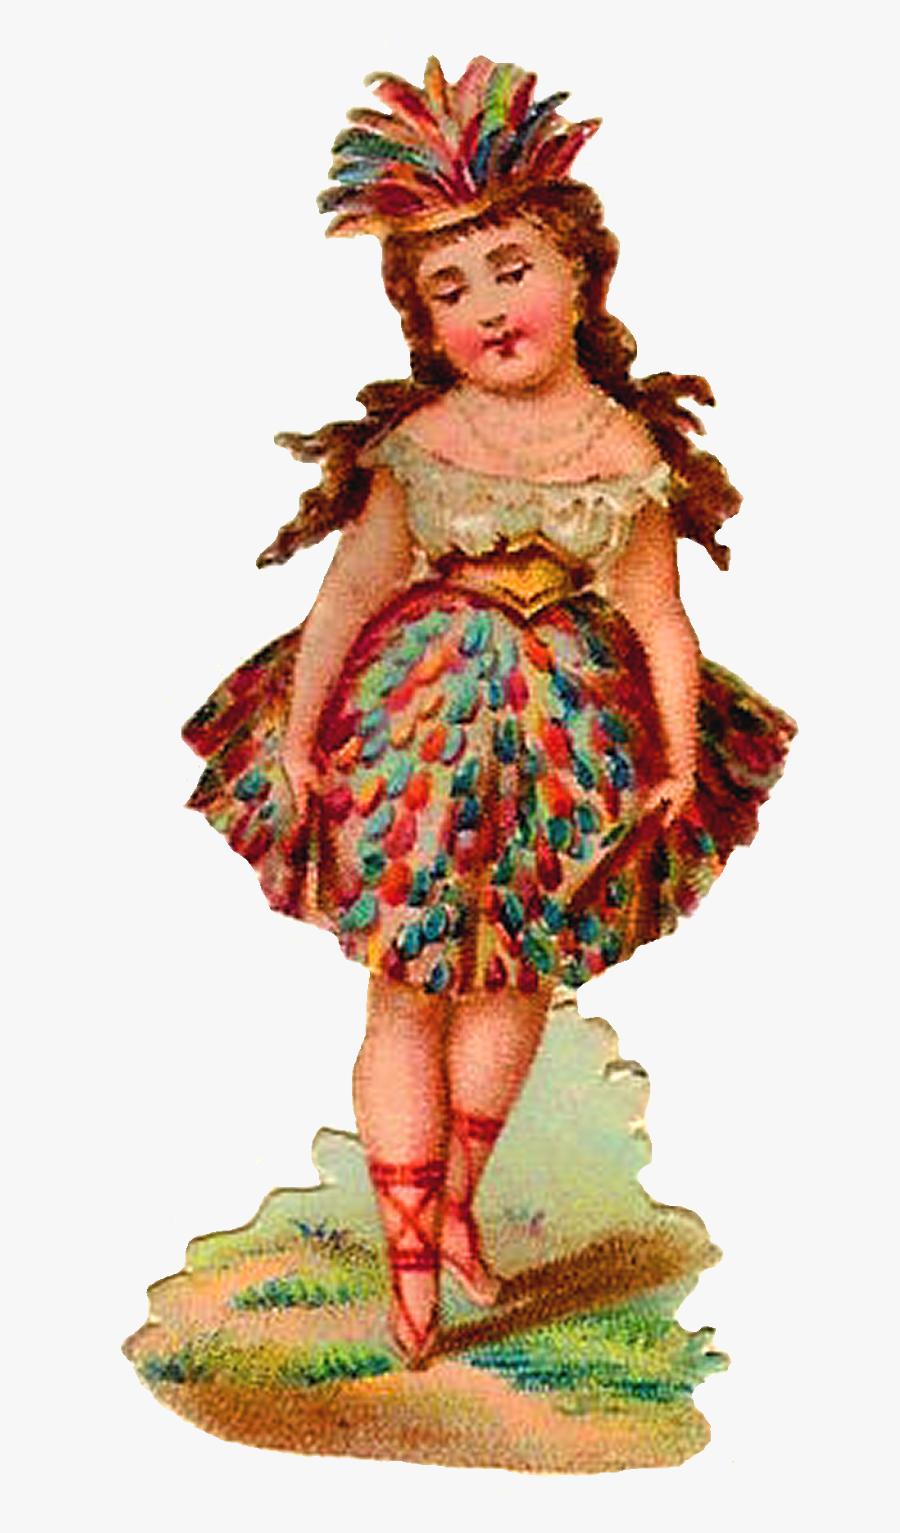 Transparent Victorian Women Clipart - Illustration, Transparent Clipart